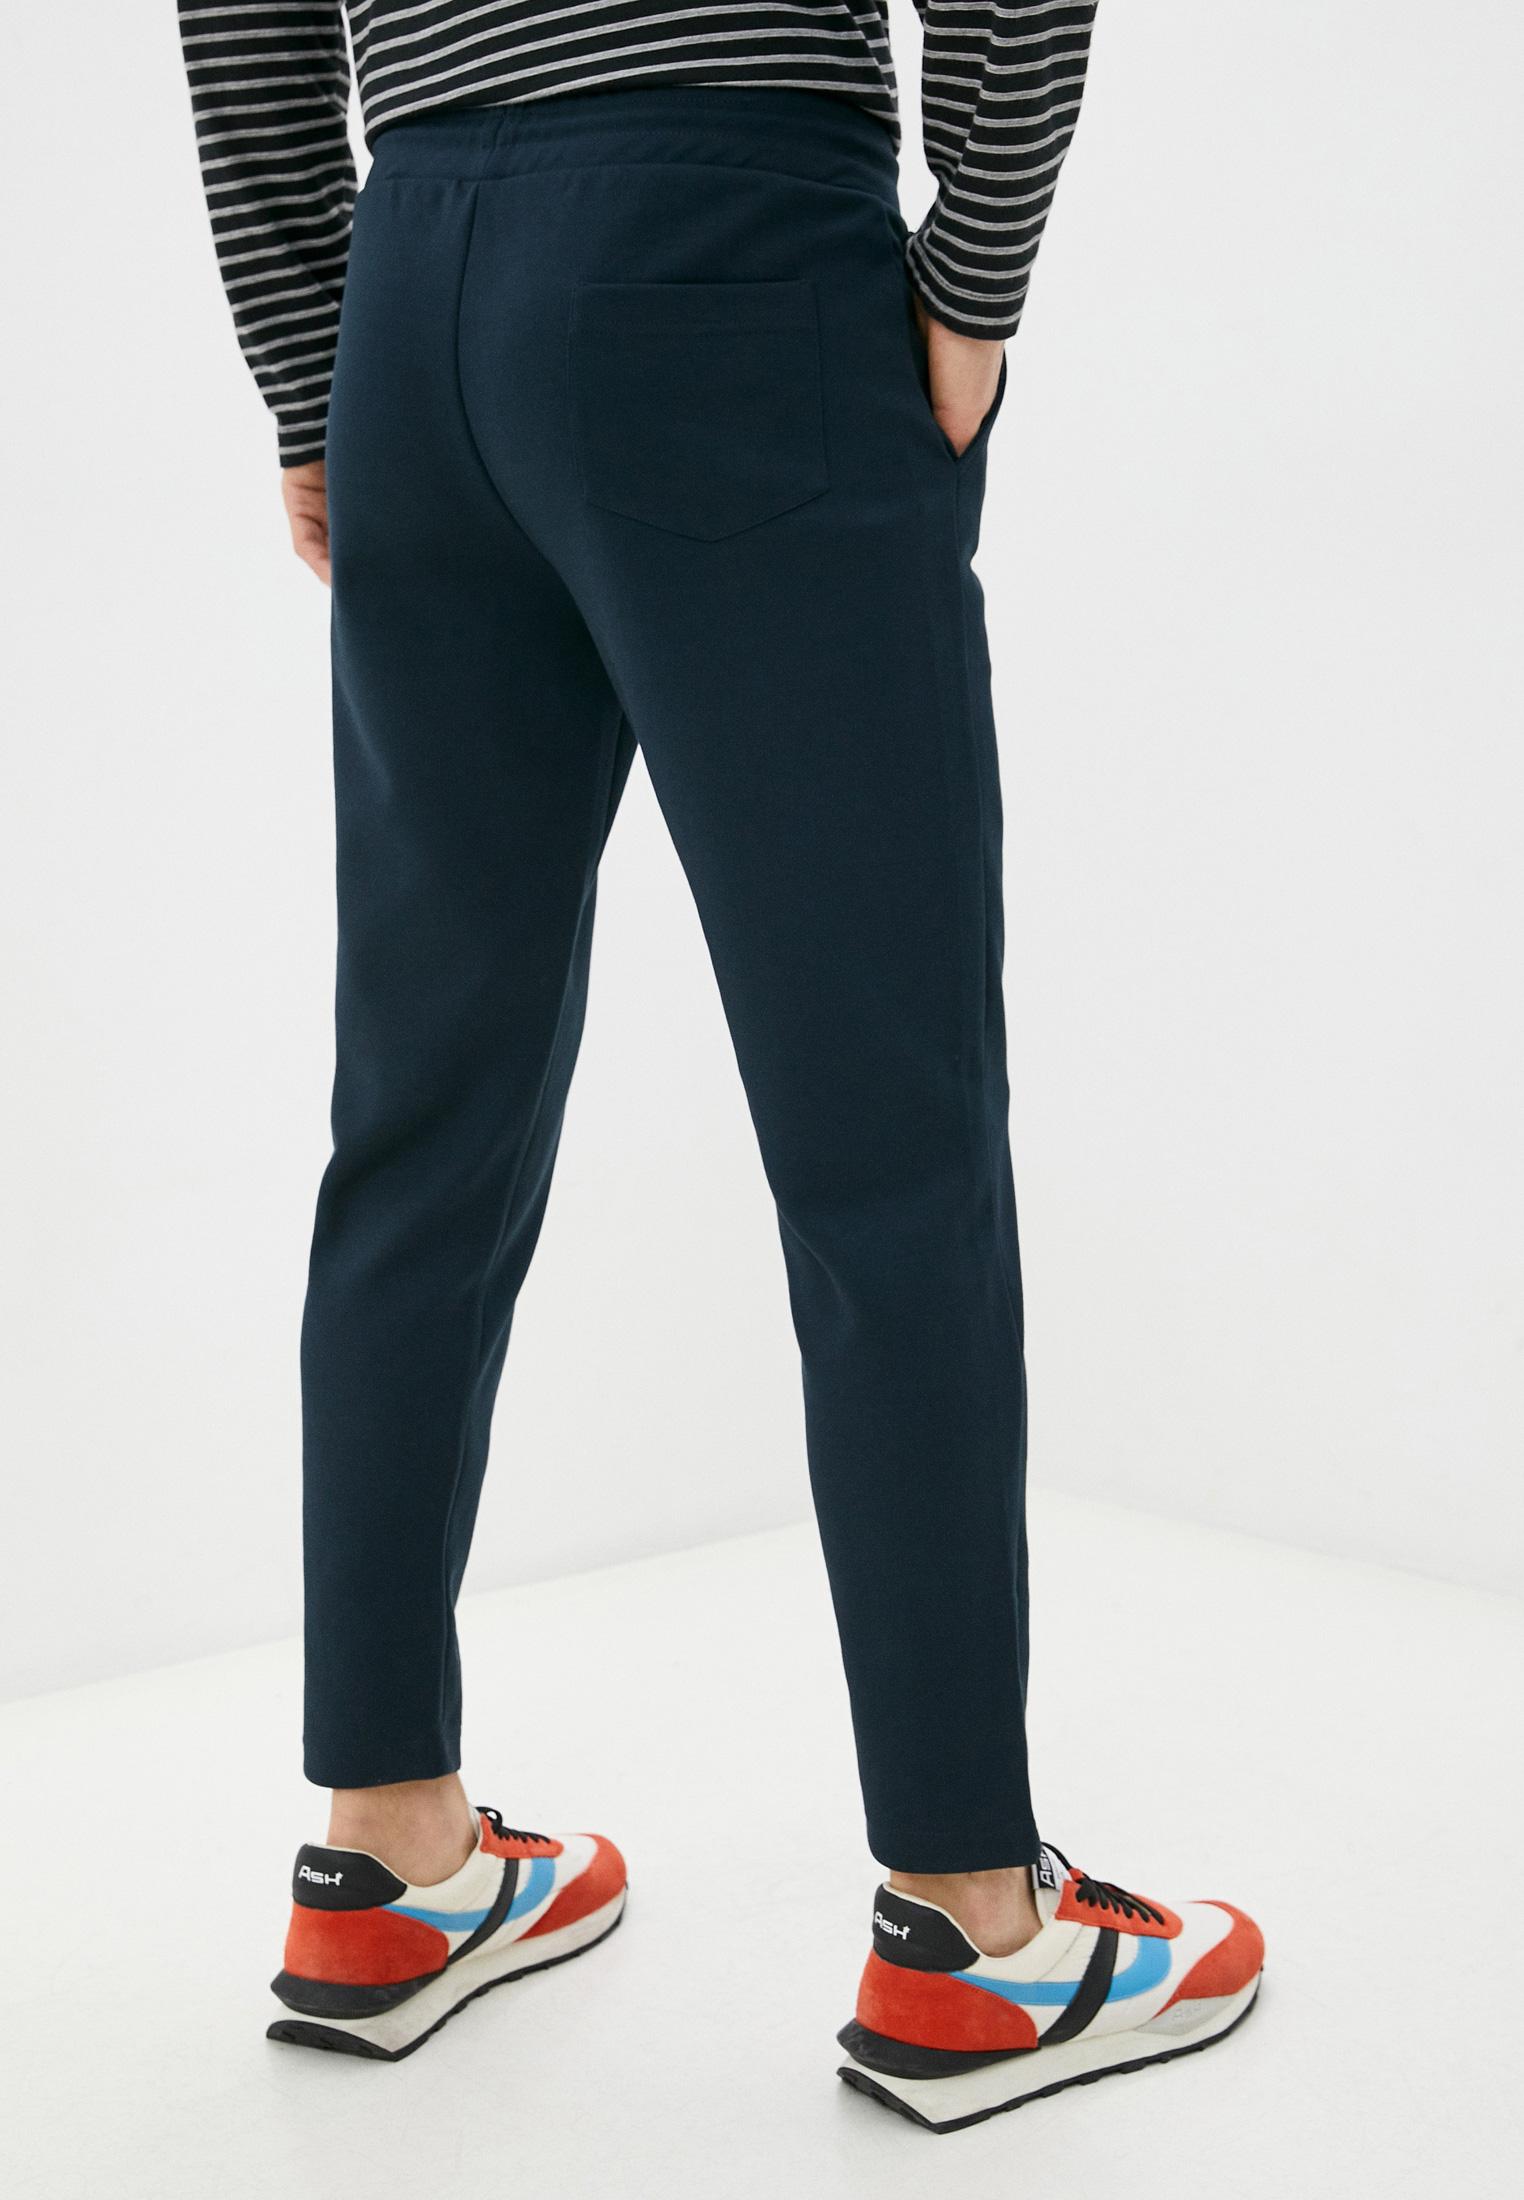 Мужские спортивные брюки Baldinini (Балдинини) PT01: изображение 4